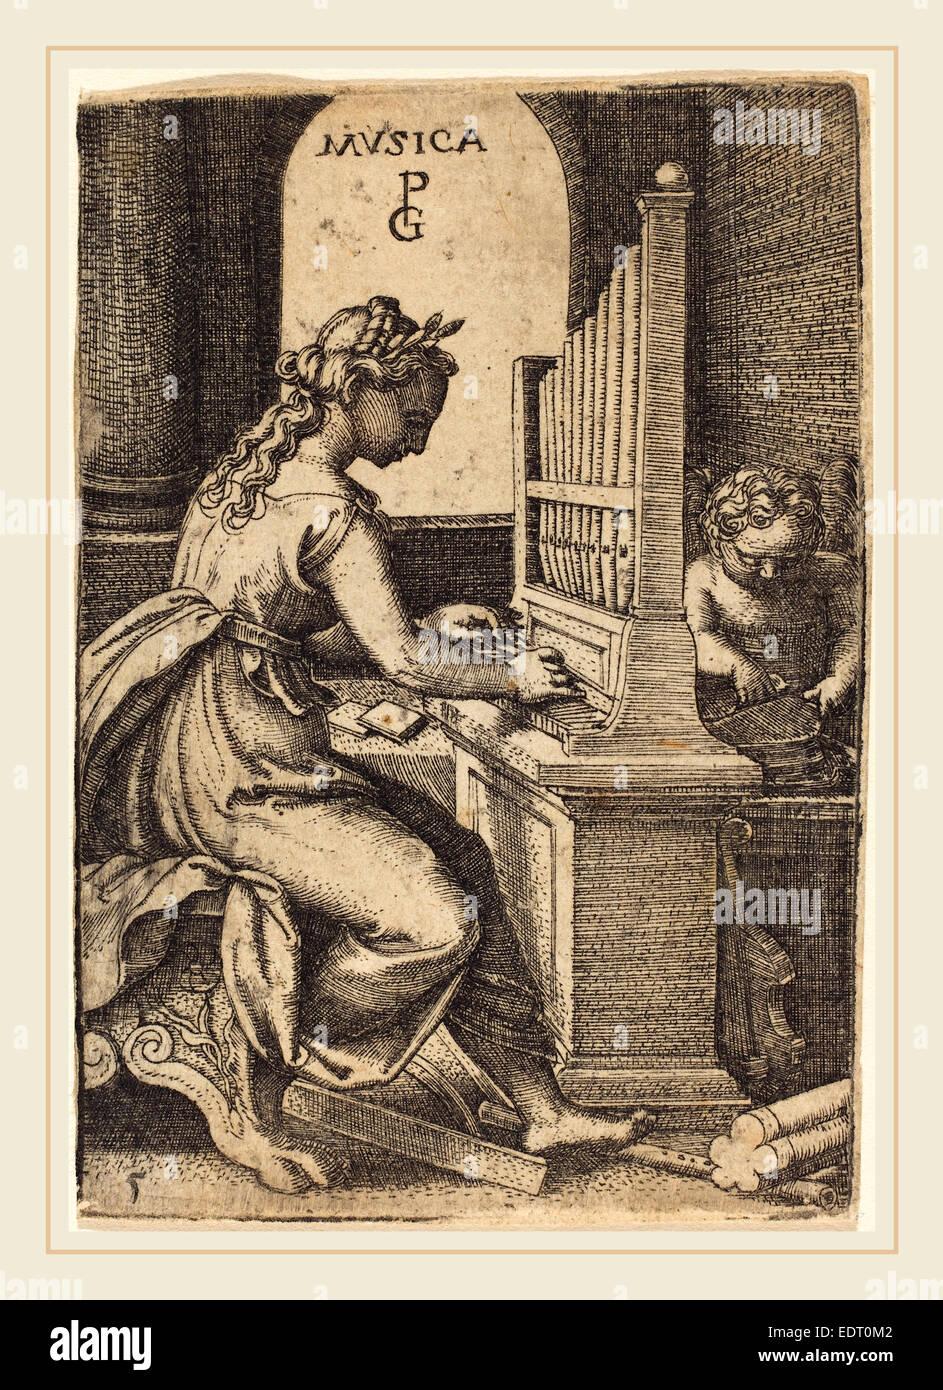 Georg Pencz (German, c. 1500-1550), Music, engraving - Stock Image